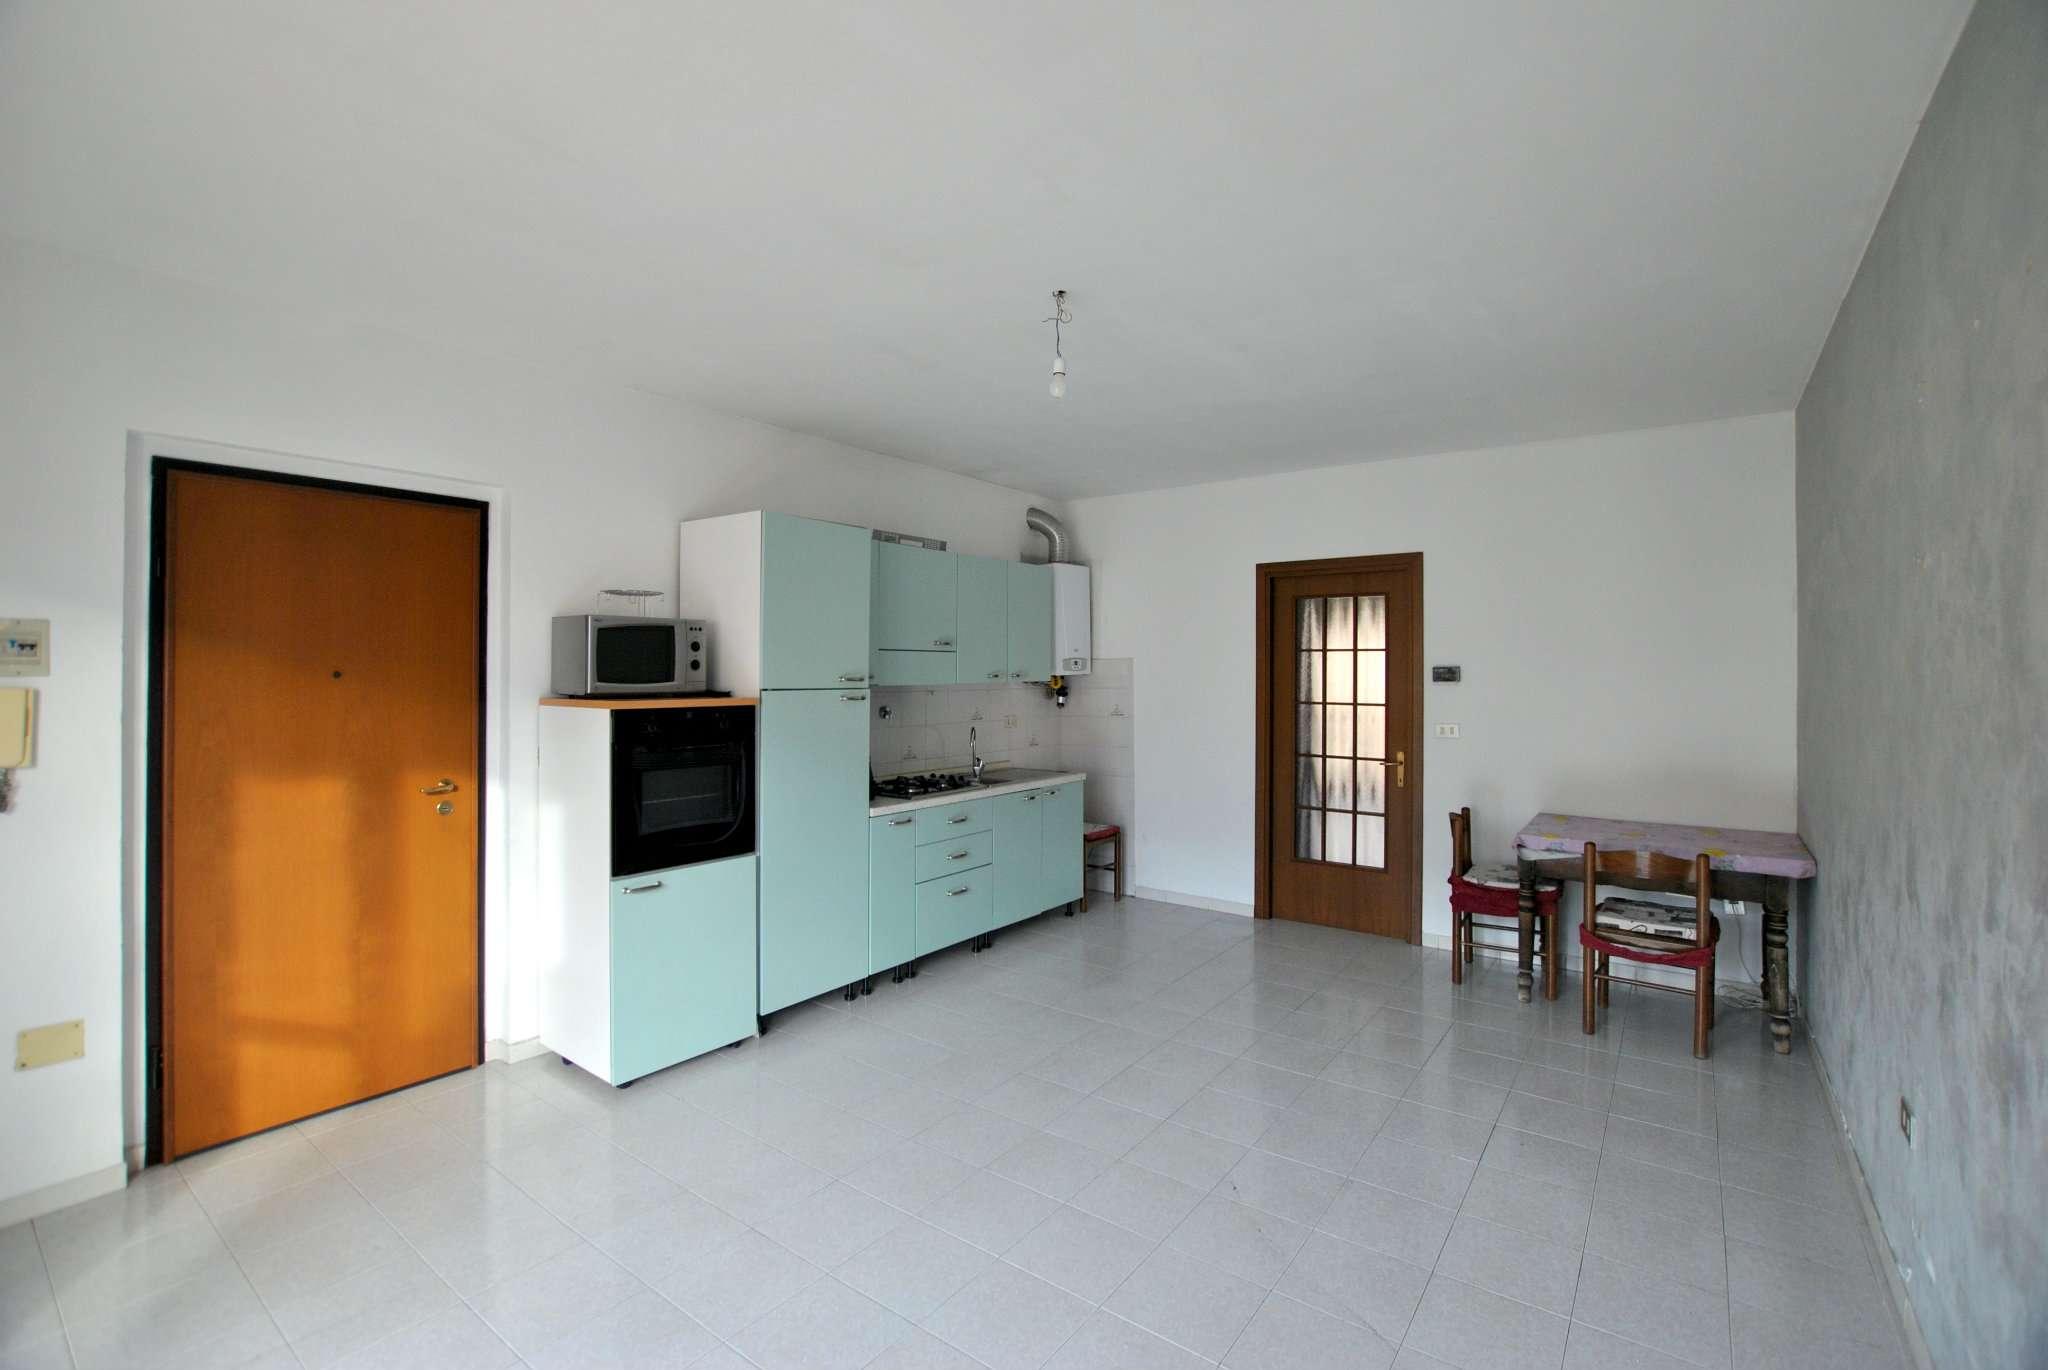 Appartamento in vendita a Borgone Susa, 2 locali, prezzo € 59.000 | PortaleAgenzieImmobiliari.it